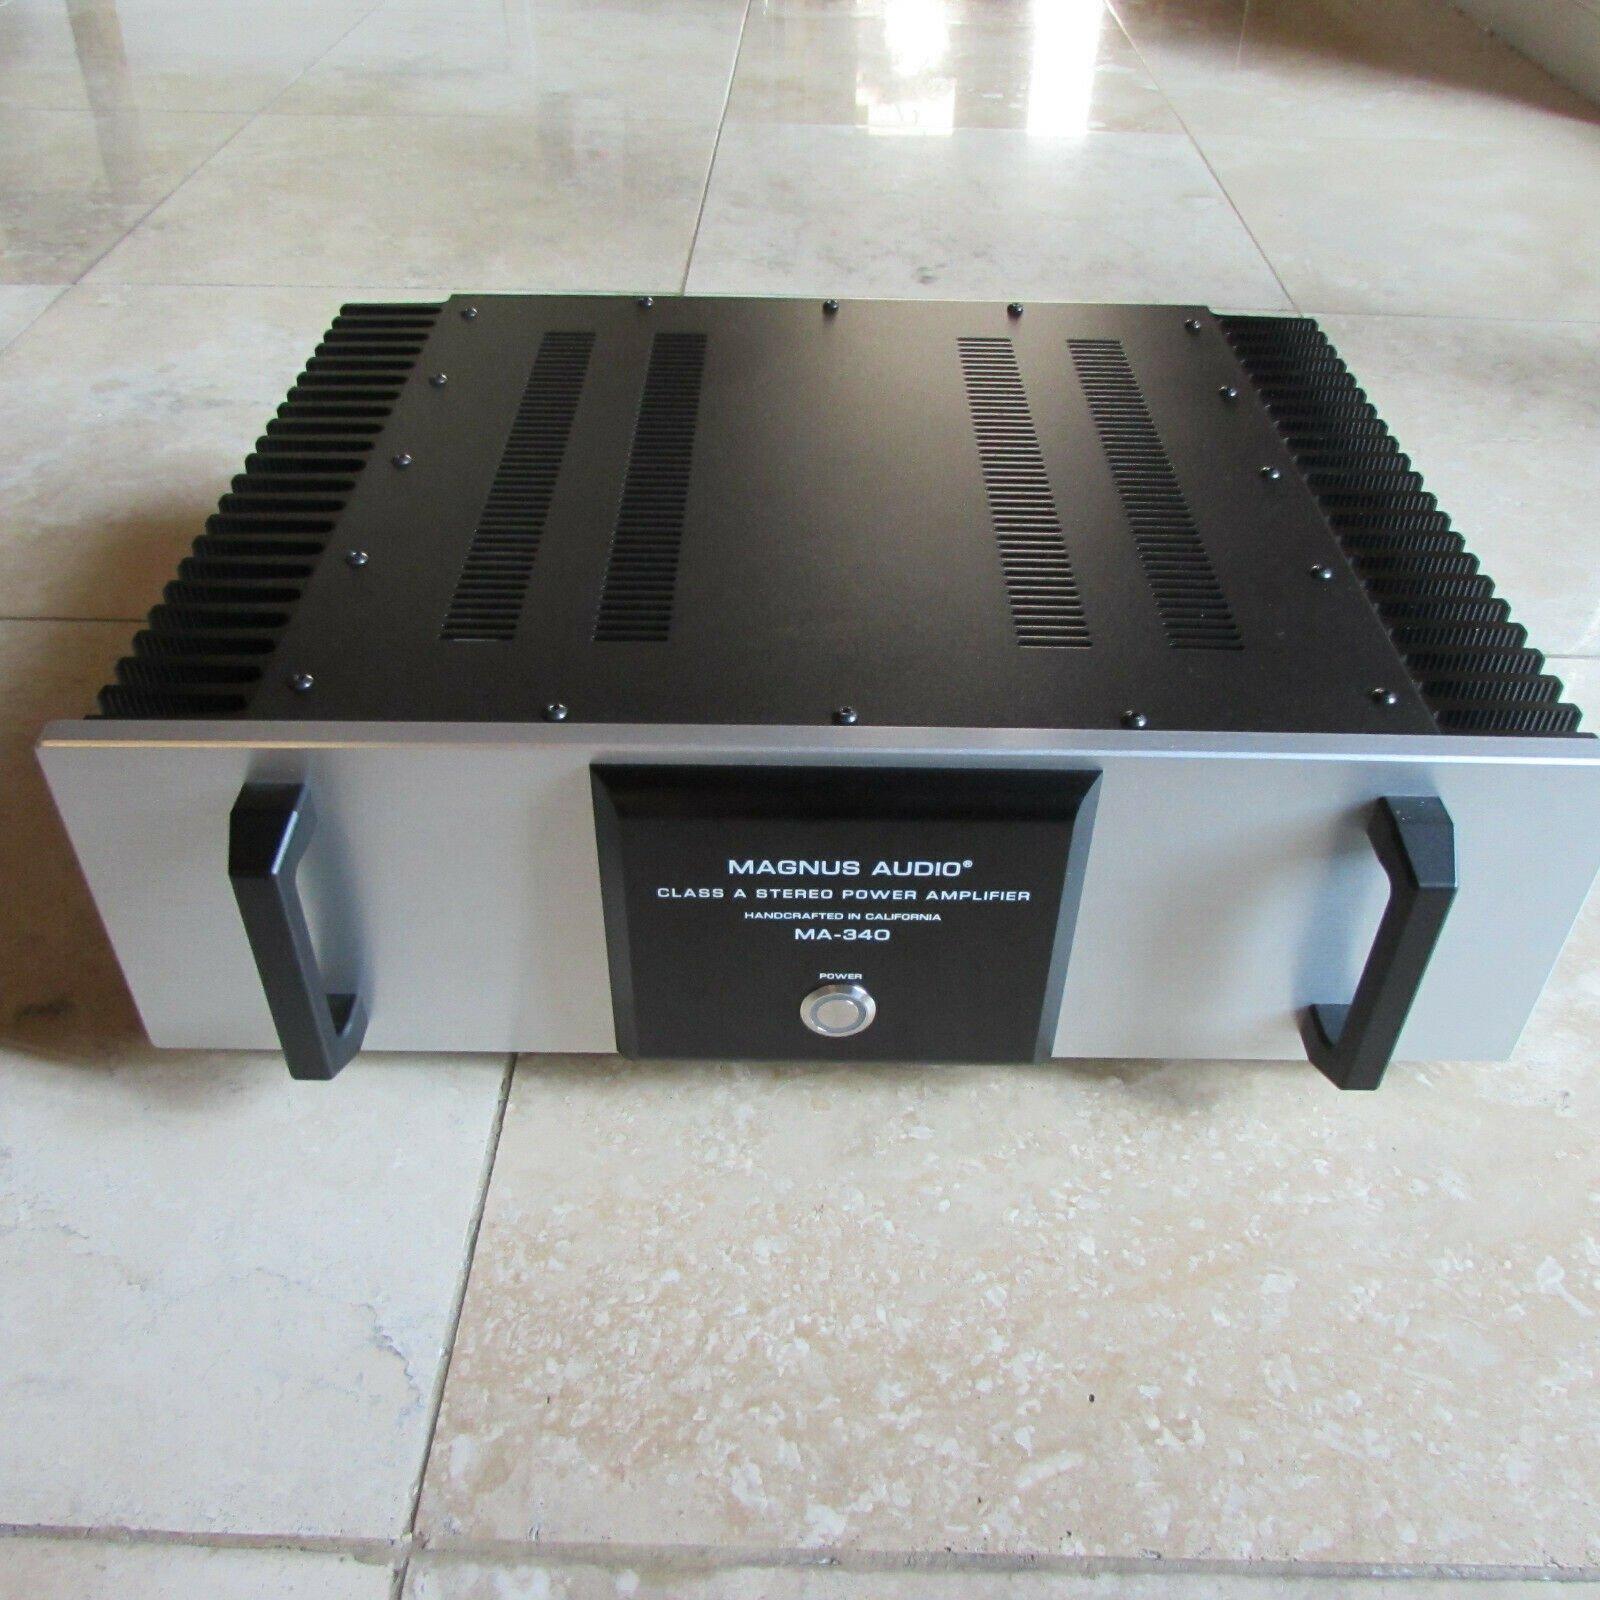 Magnus Audio MA340